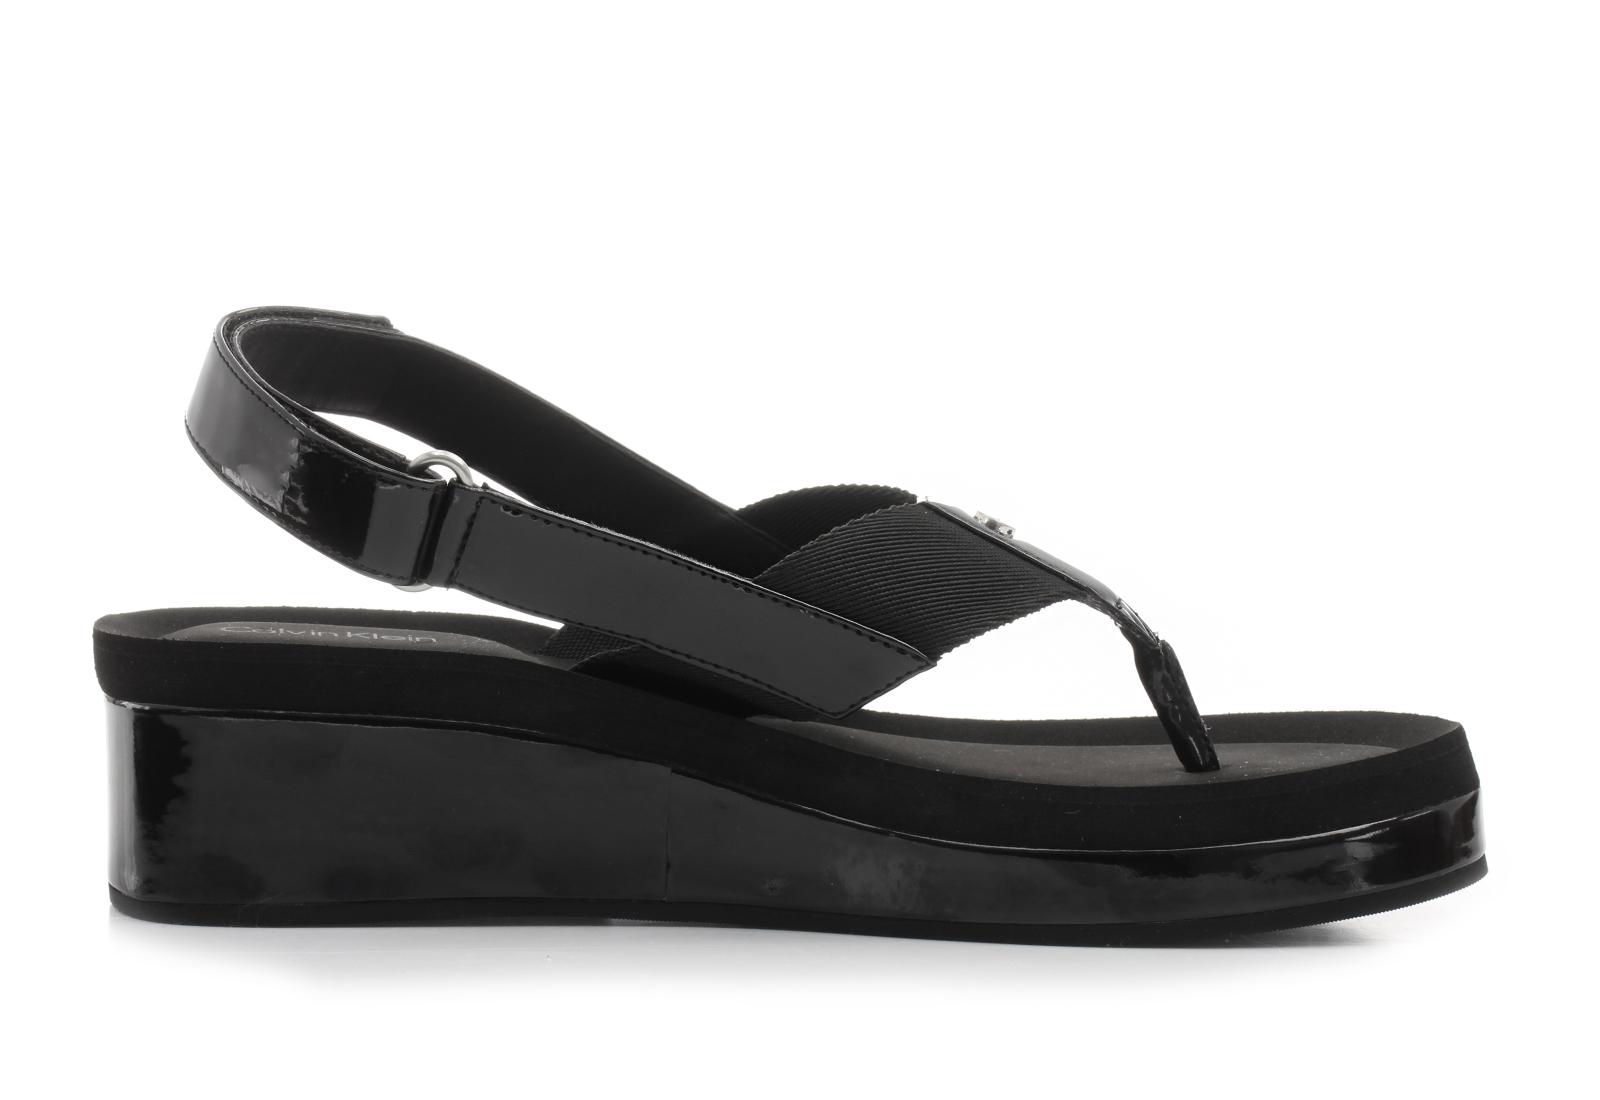 calvin klein black label sandale crne sandale moselle. Black Bedroom Furniture Sets. Home Design Ideas